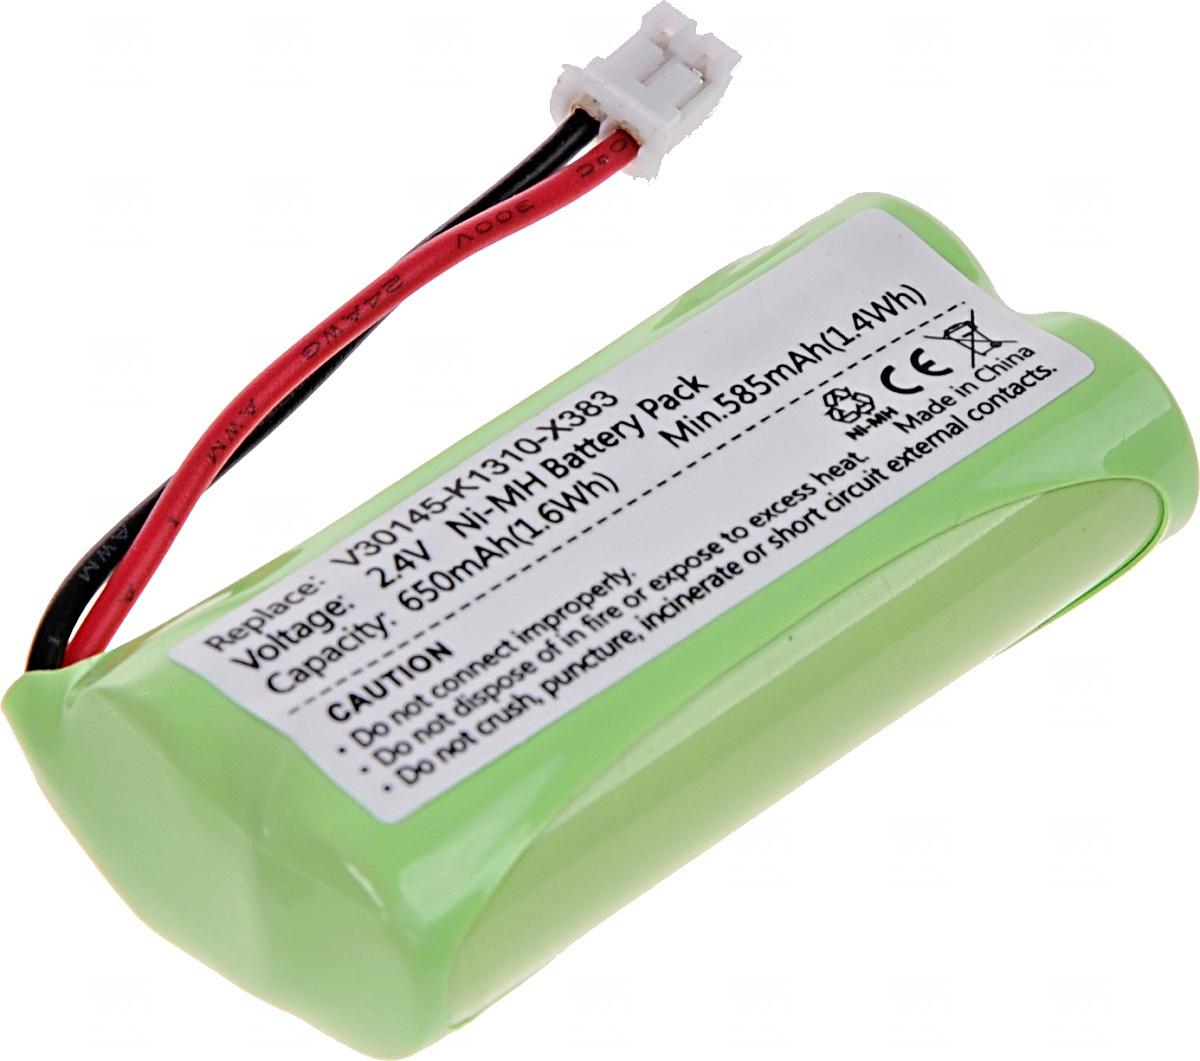 Baterie T6 power Gigaset A12, A120, A14, A140, A16, A160, A24, A260, A380, A580, Ni-Mh, 650mAh